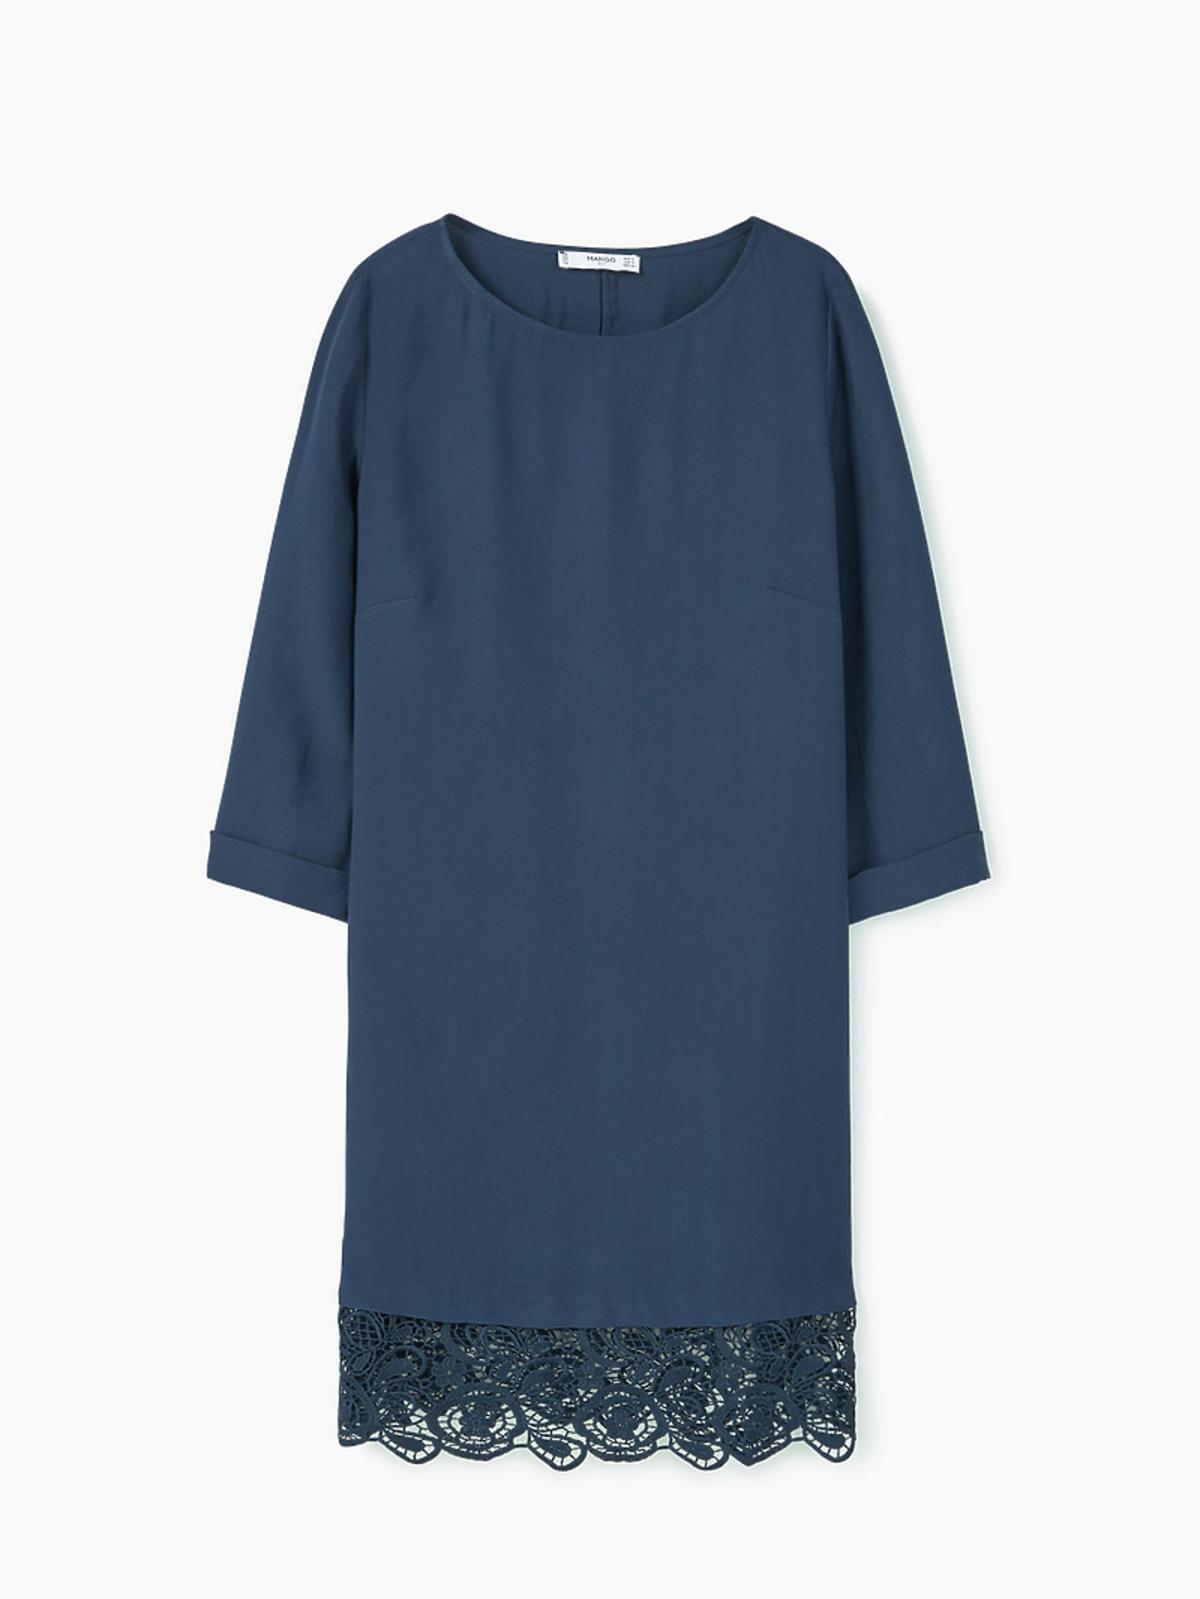 Granatowa sukienka, Mango, przeceniona z 199,00 zł na 159,90 zł